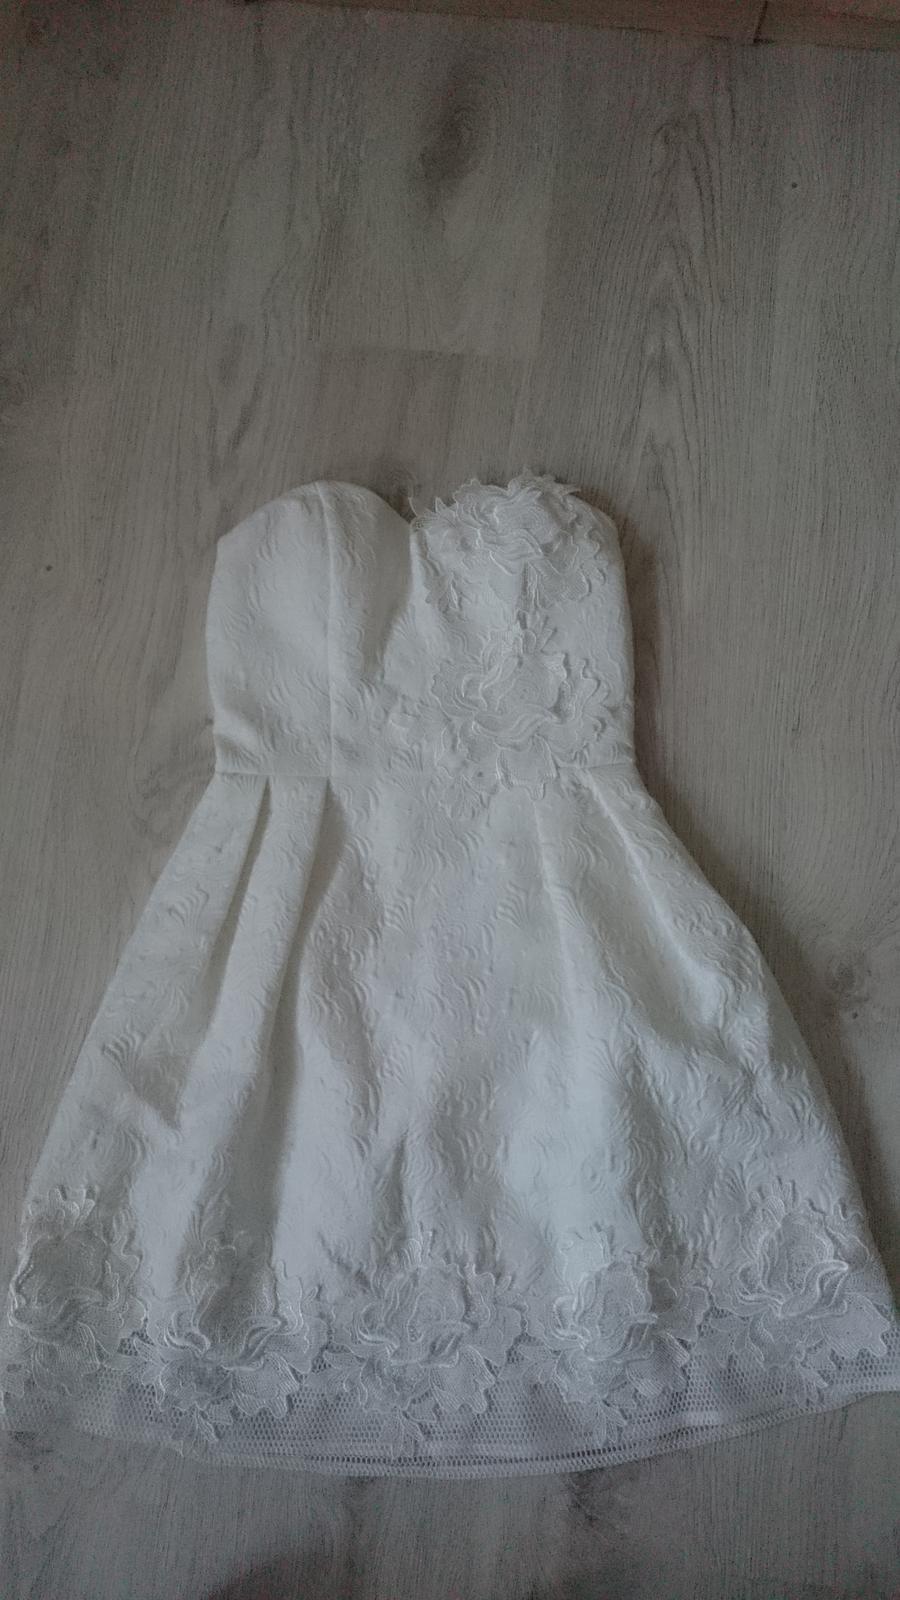 Chi chi šaty - Obrázok č. 1